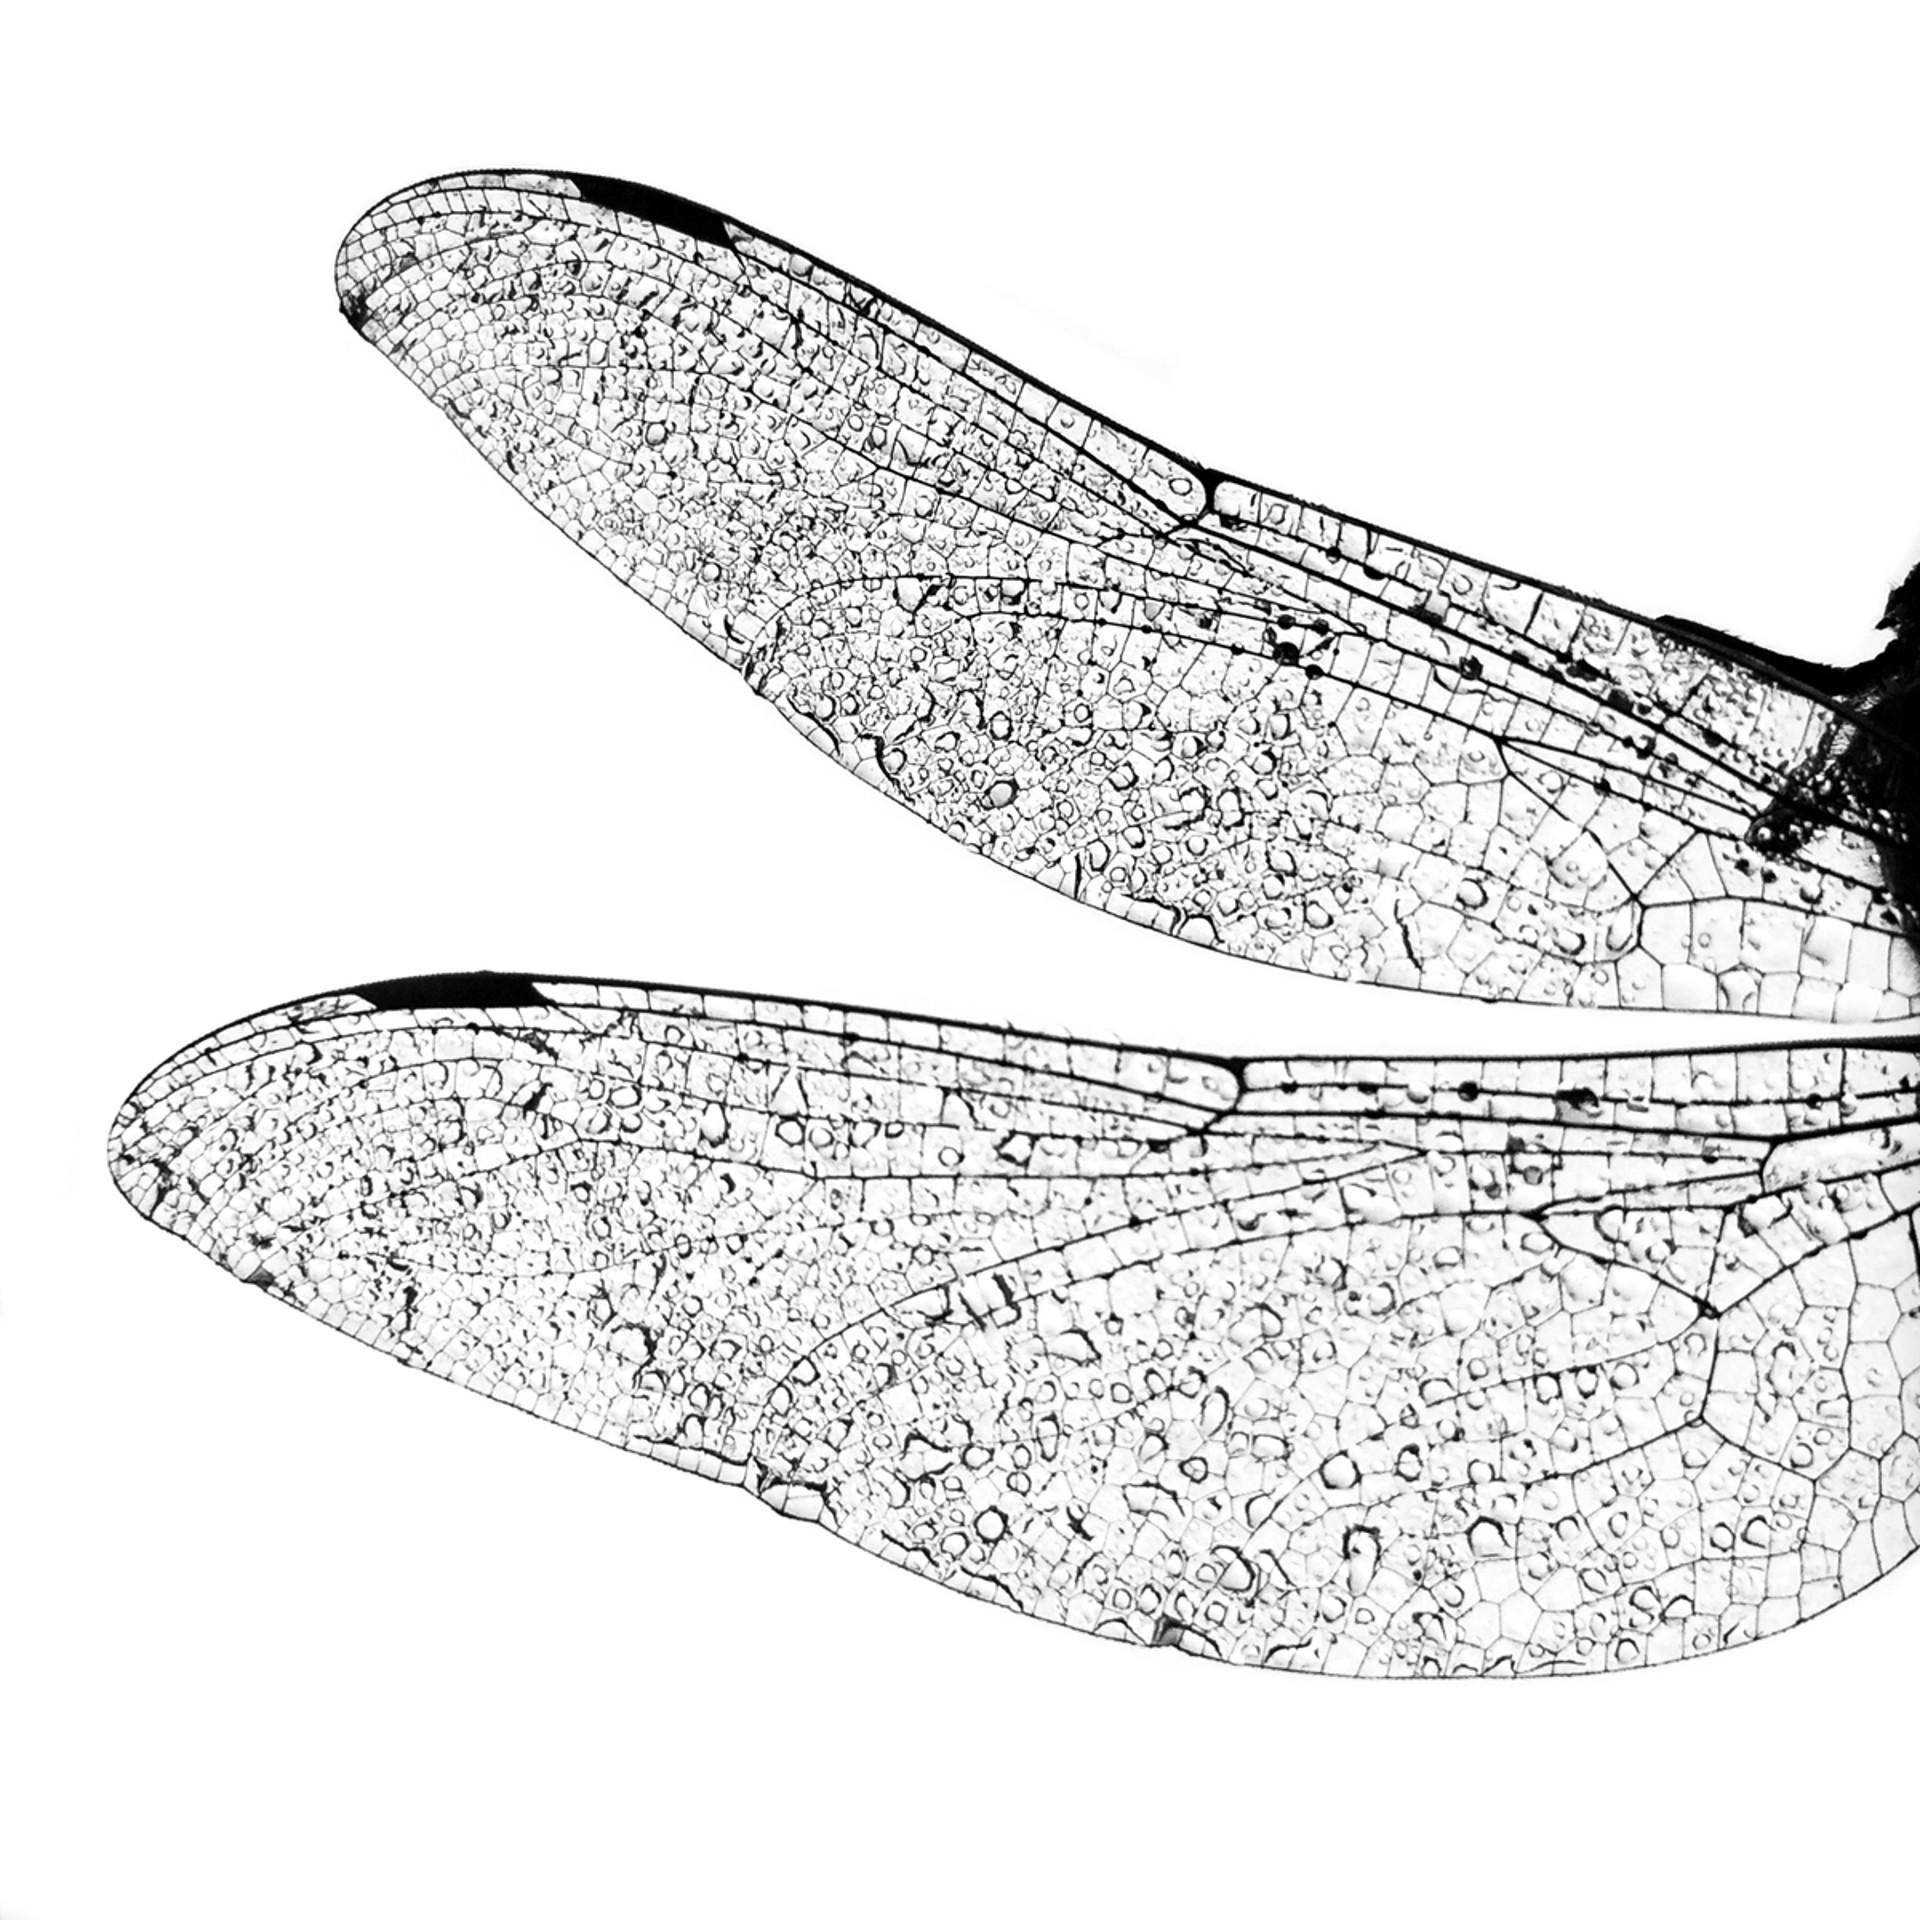 Flight by Allan Bailey